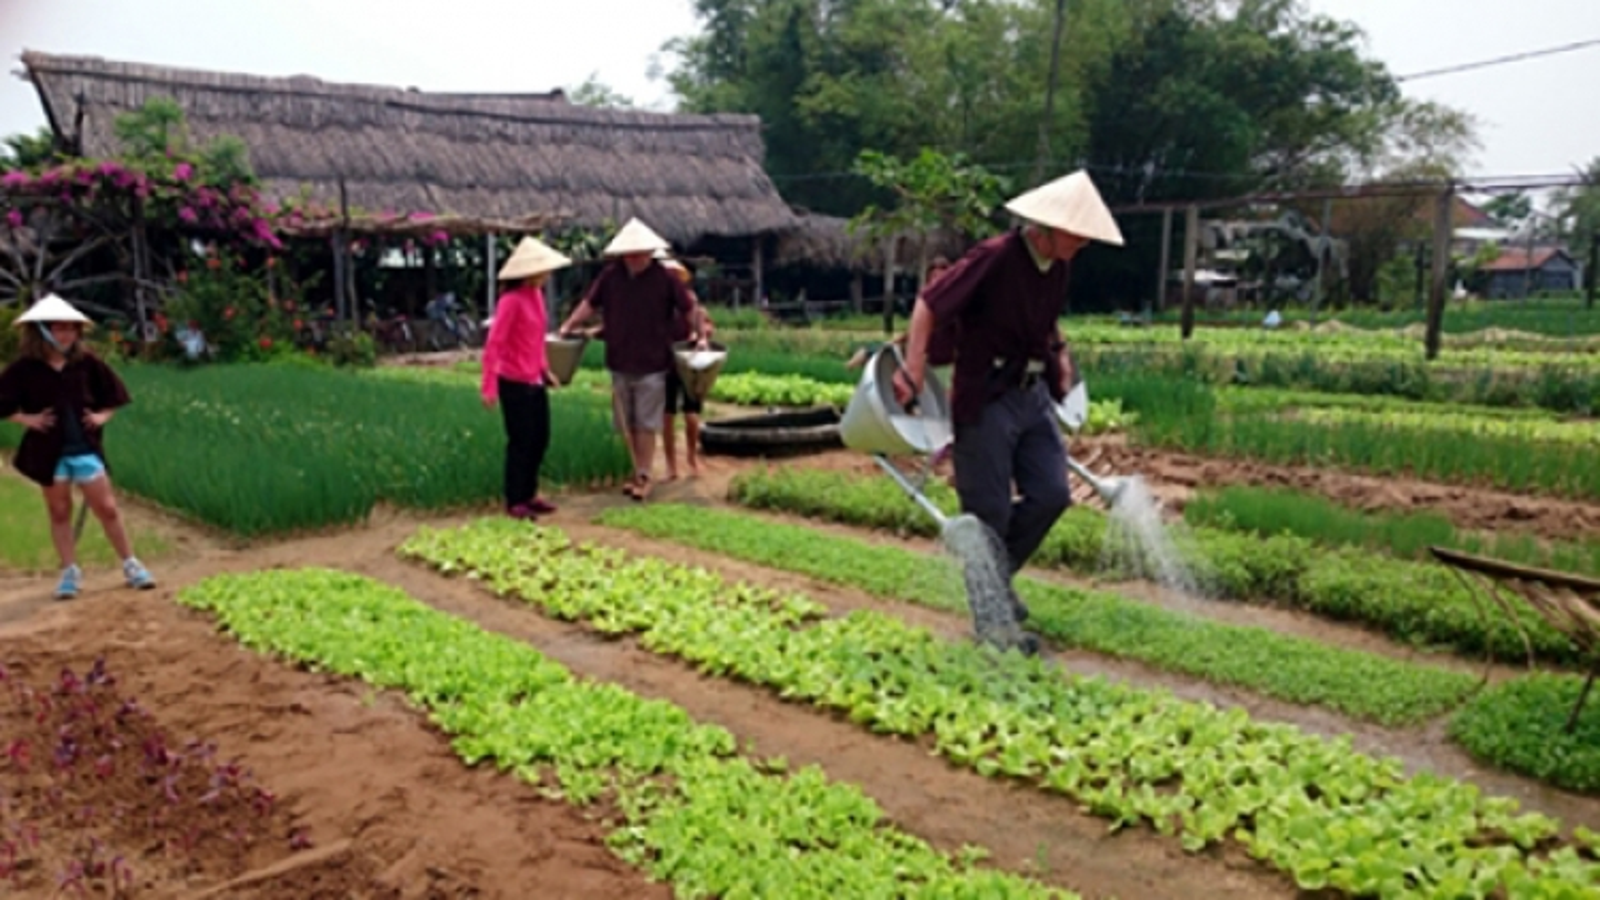 Kinh doanh du lịch nông nghiệp còn mang nhiều tính tự phát